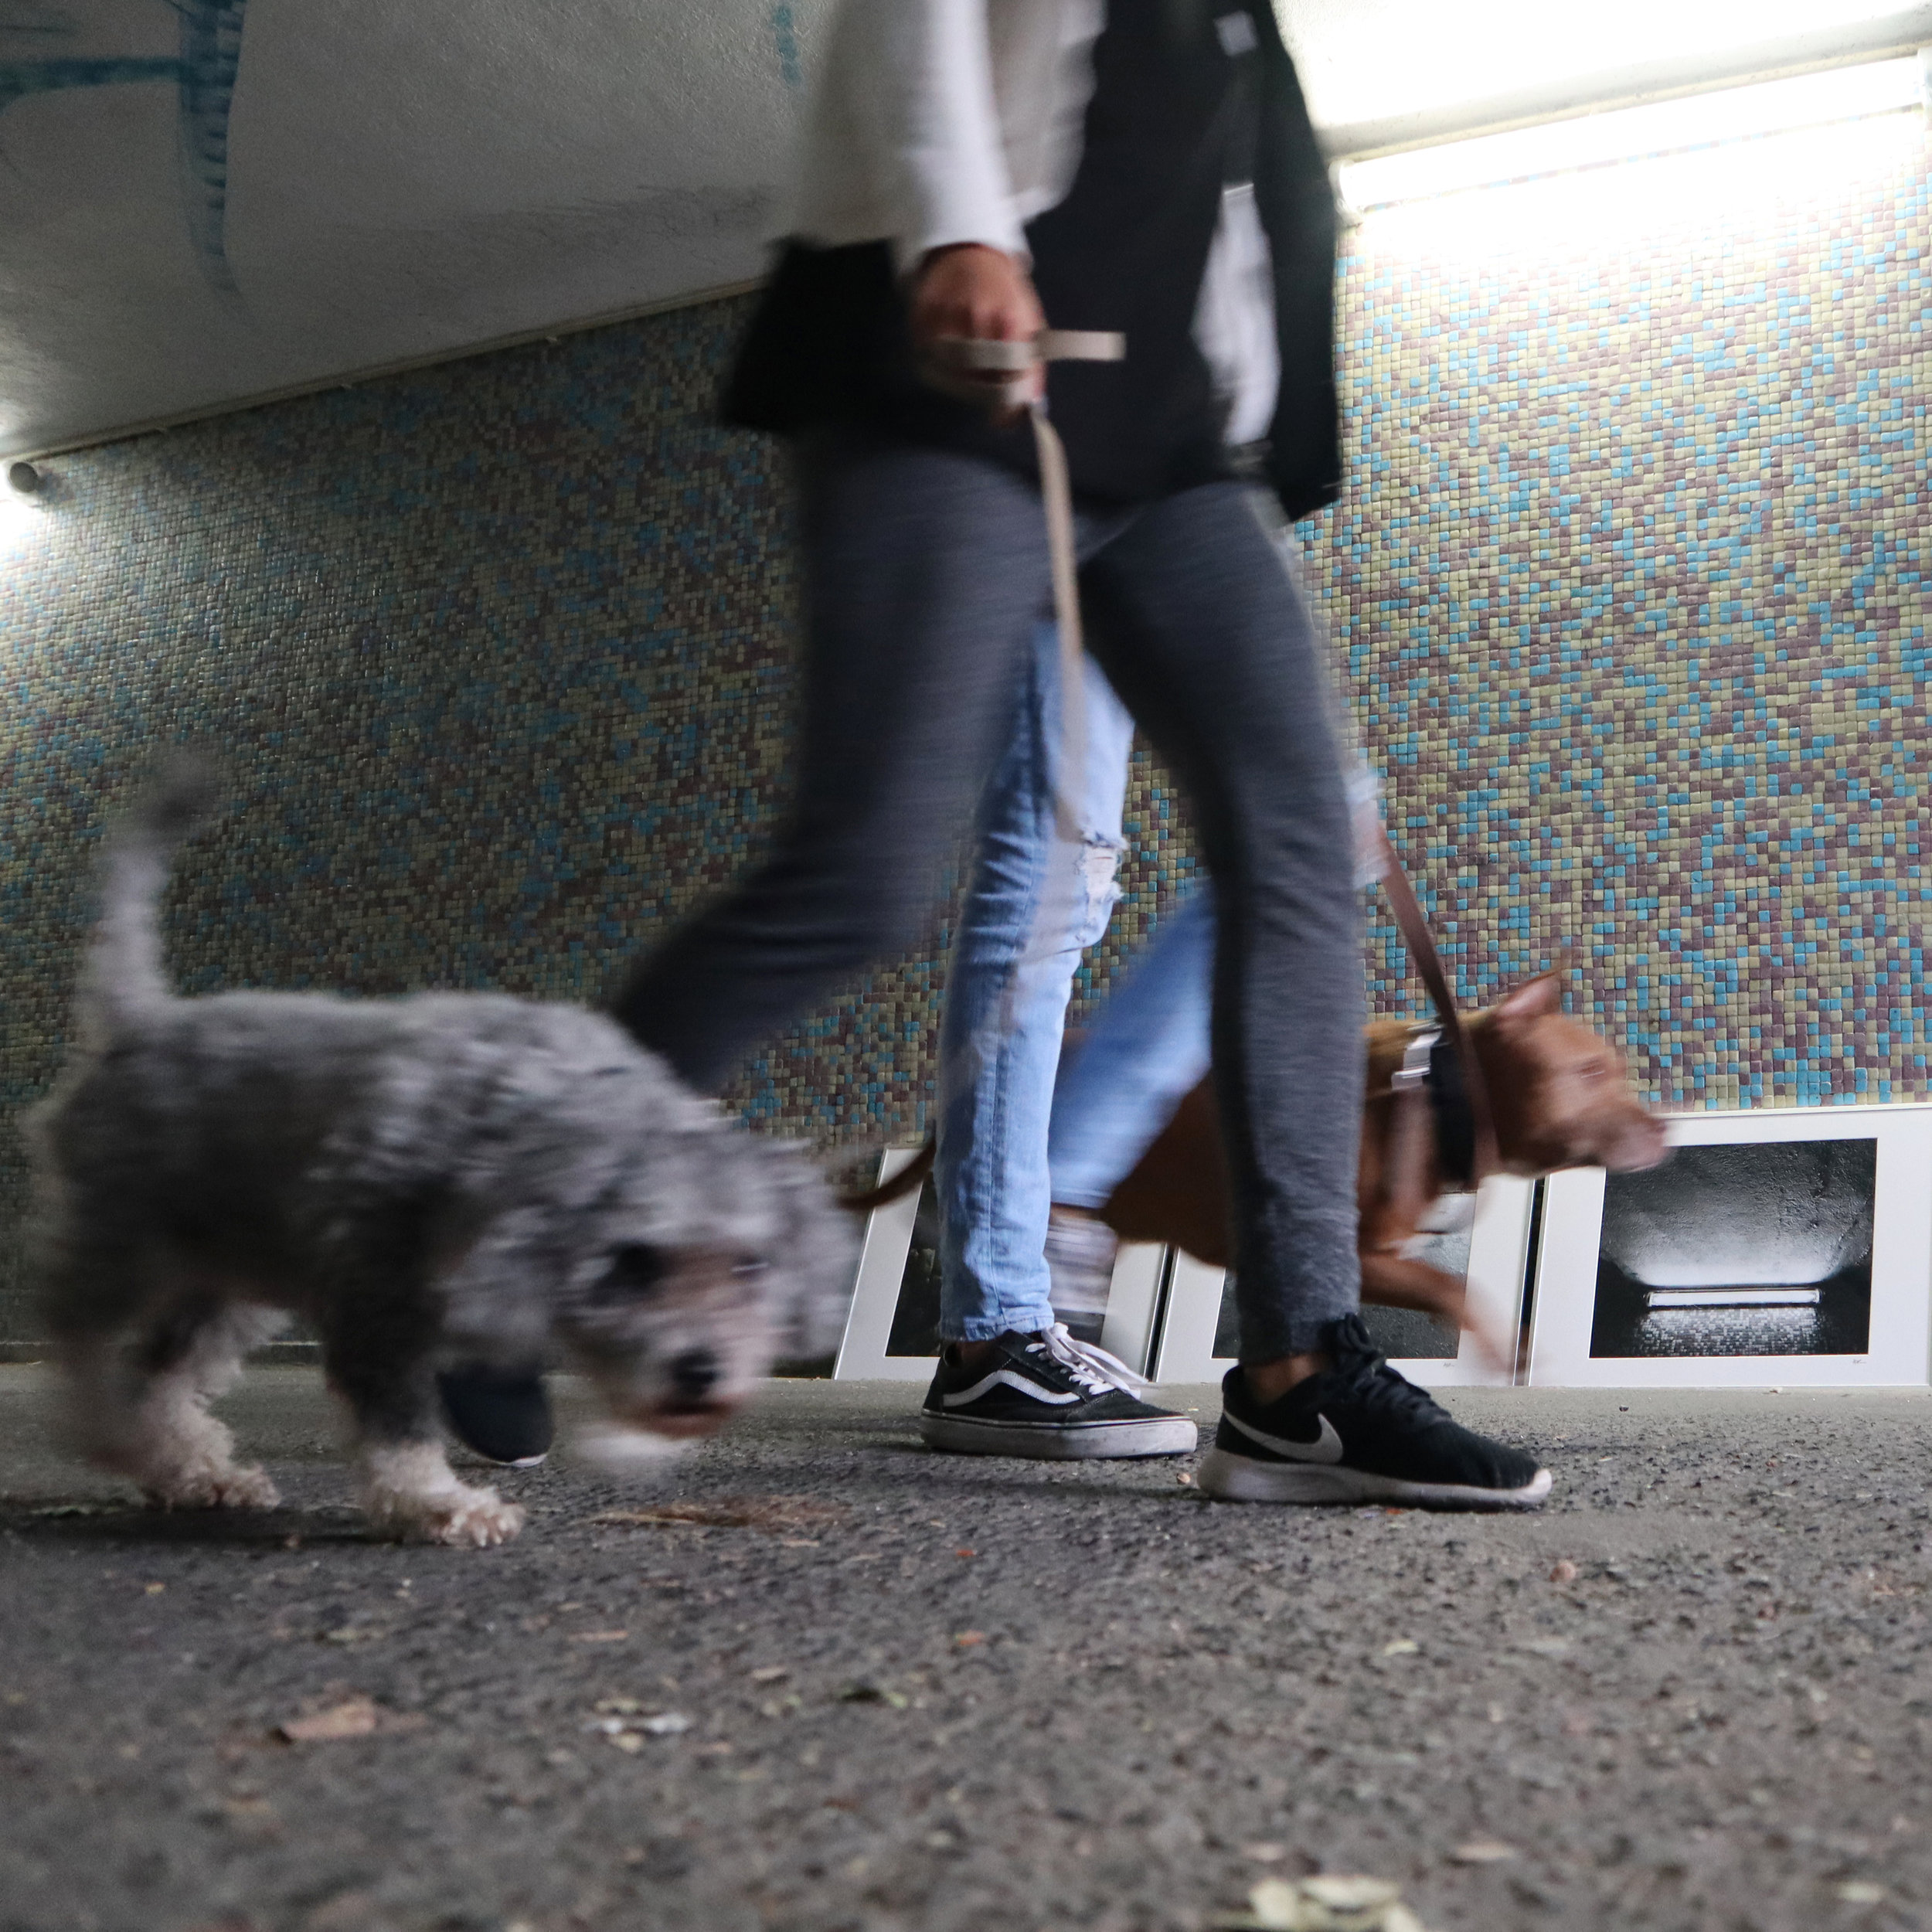 CARRASCO_art_gallery_ACR_walking_in_the_tunnel_of_DESOBJECTION_13.JPG